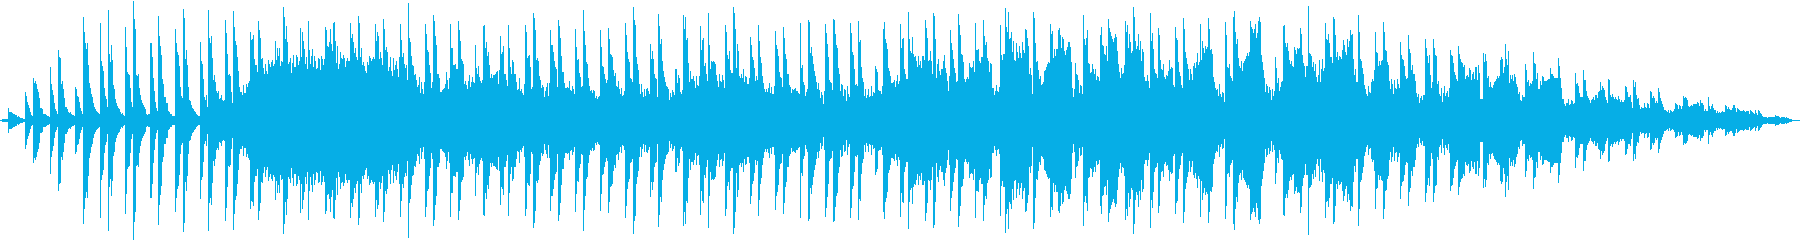 悲しい、切ない映像、CMにノイズとピアノの再生済みの波形